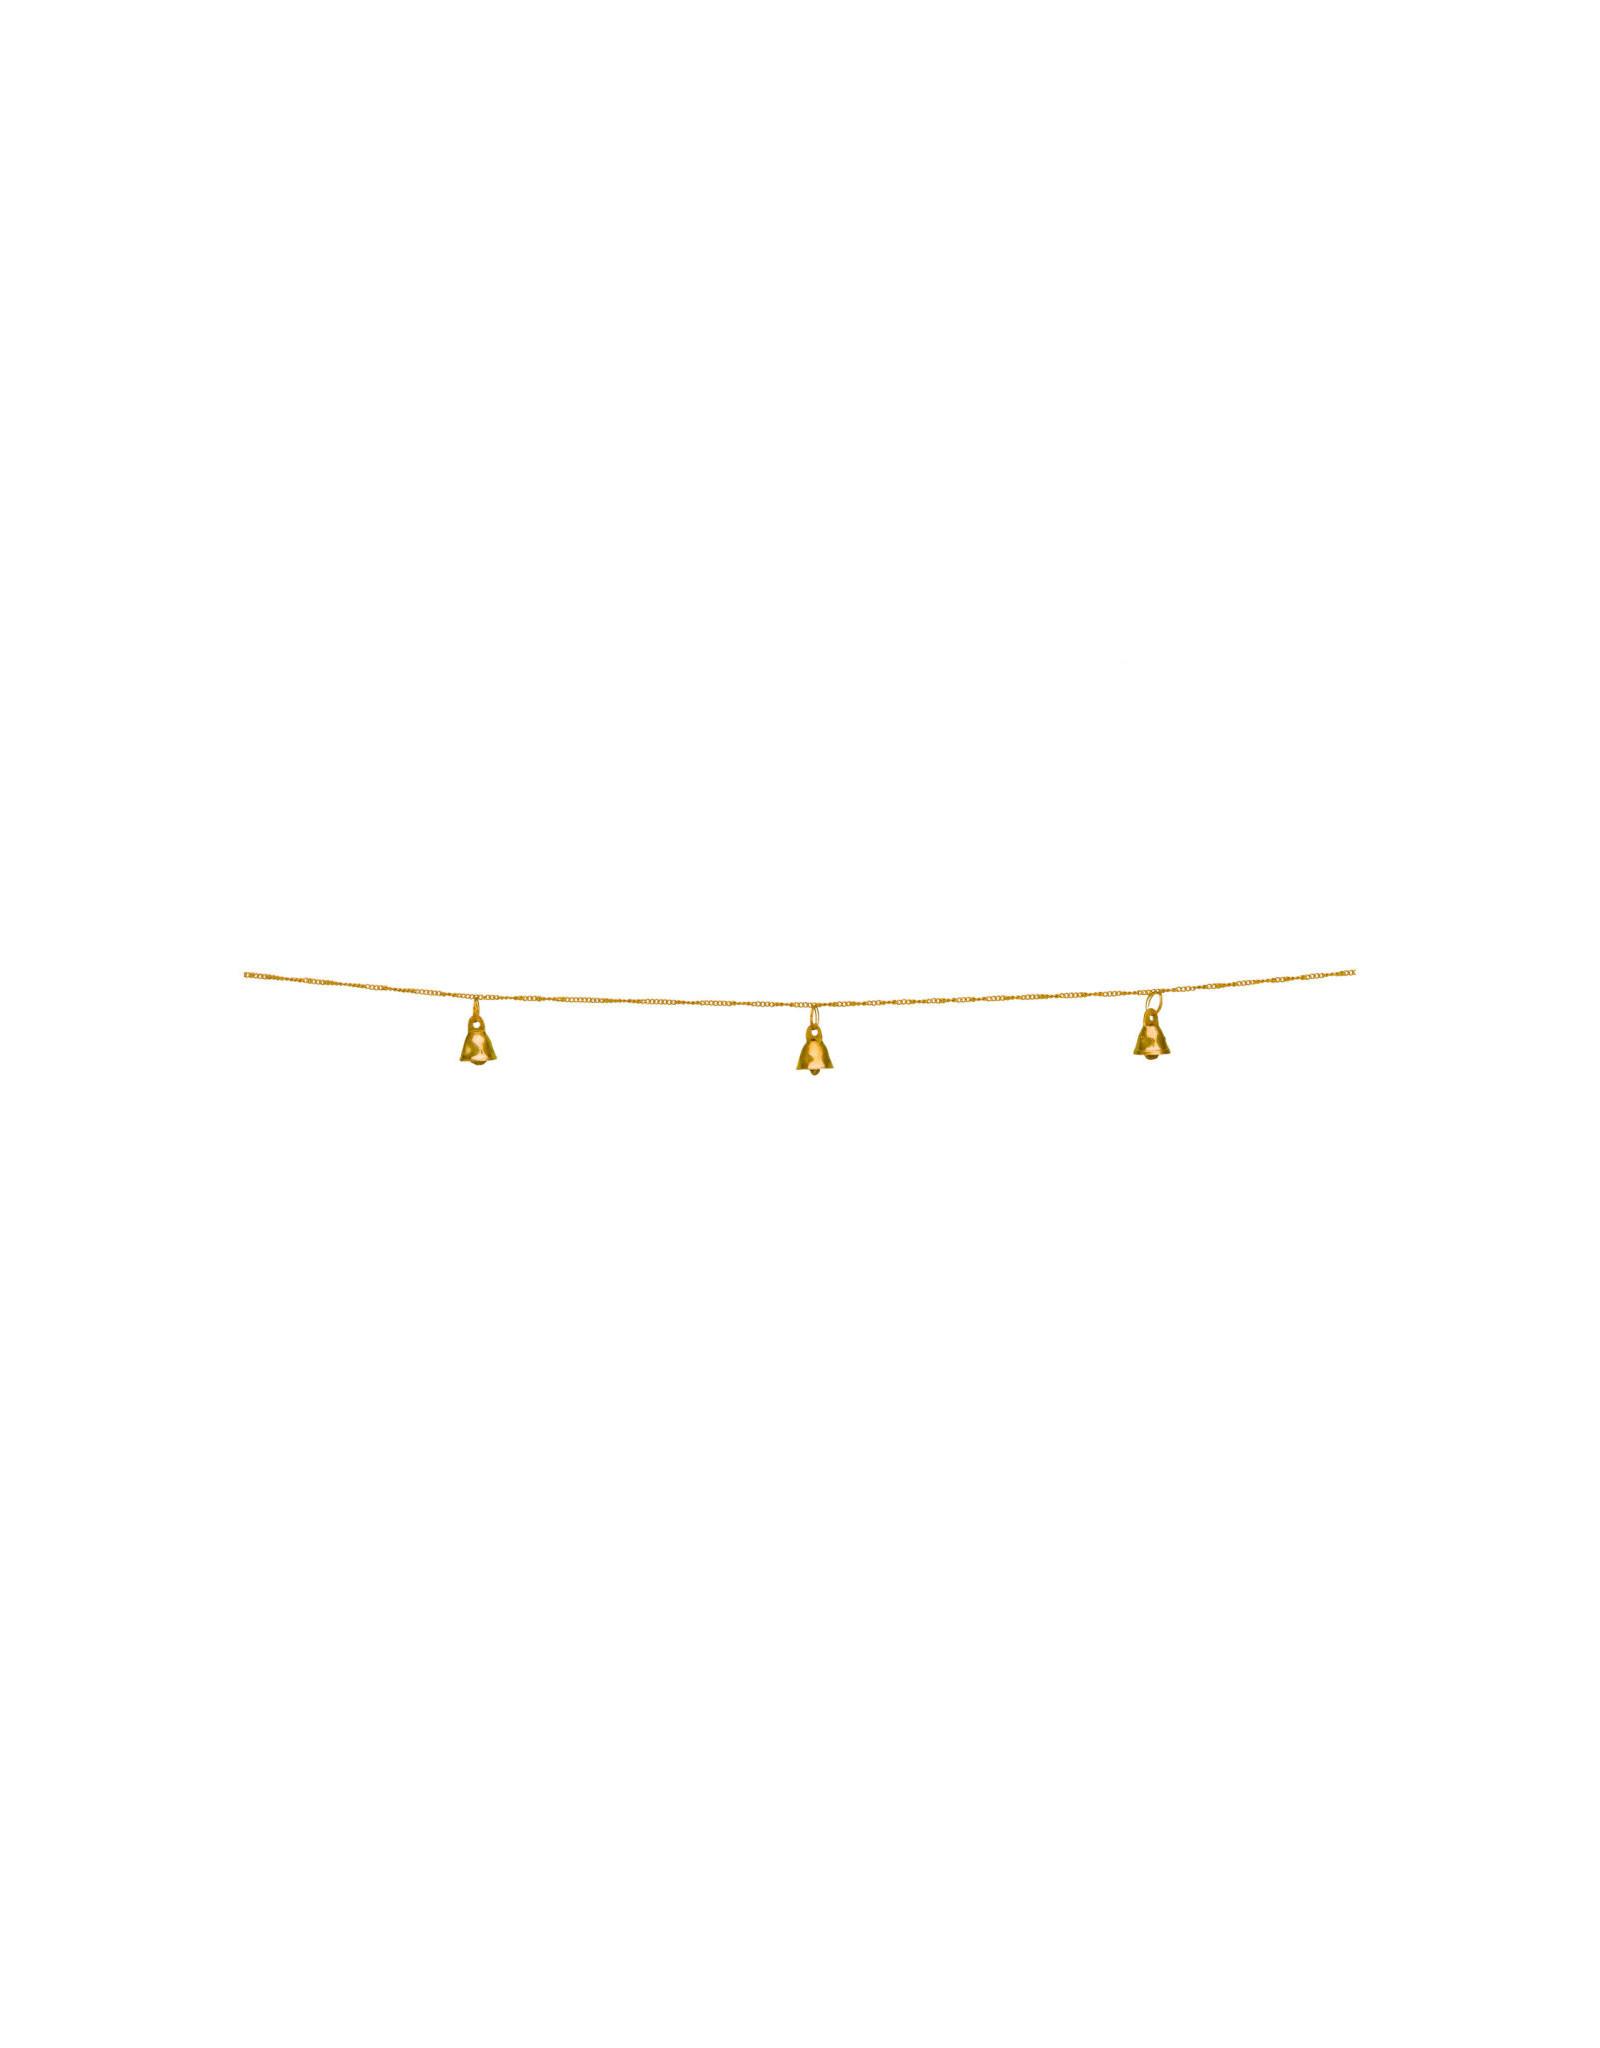 vt-wonen VT-WONEN. Garland Bells Metal Gold 250cm